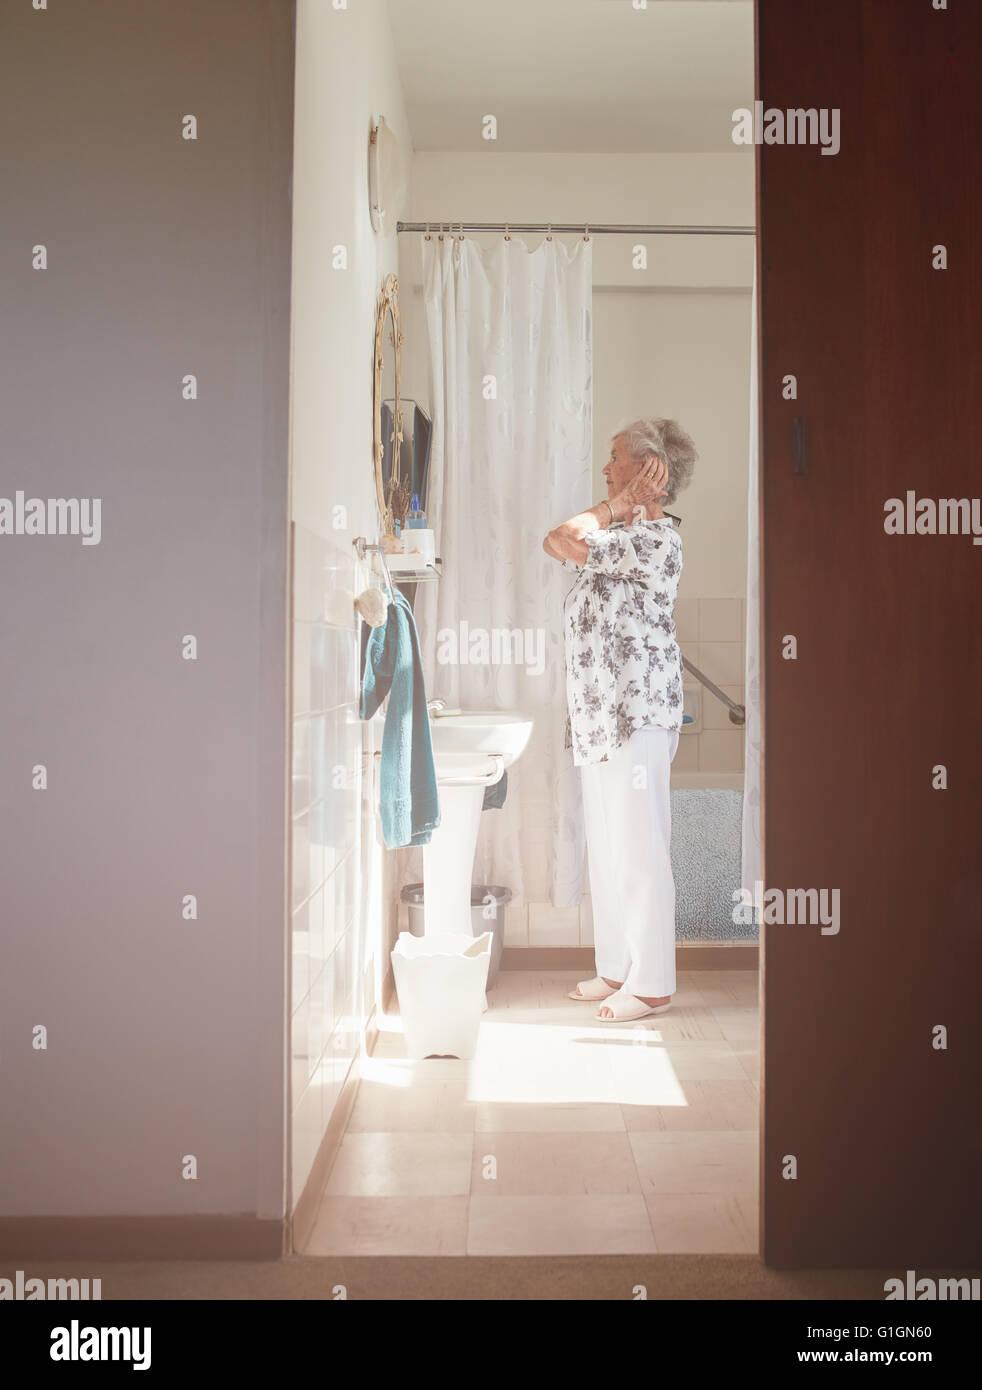 Longueur totale de l'intérieur femme âgée se préparer à dresser. Les cadres supérieurs Photo Stock